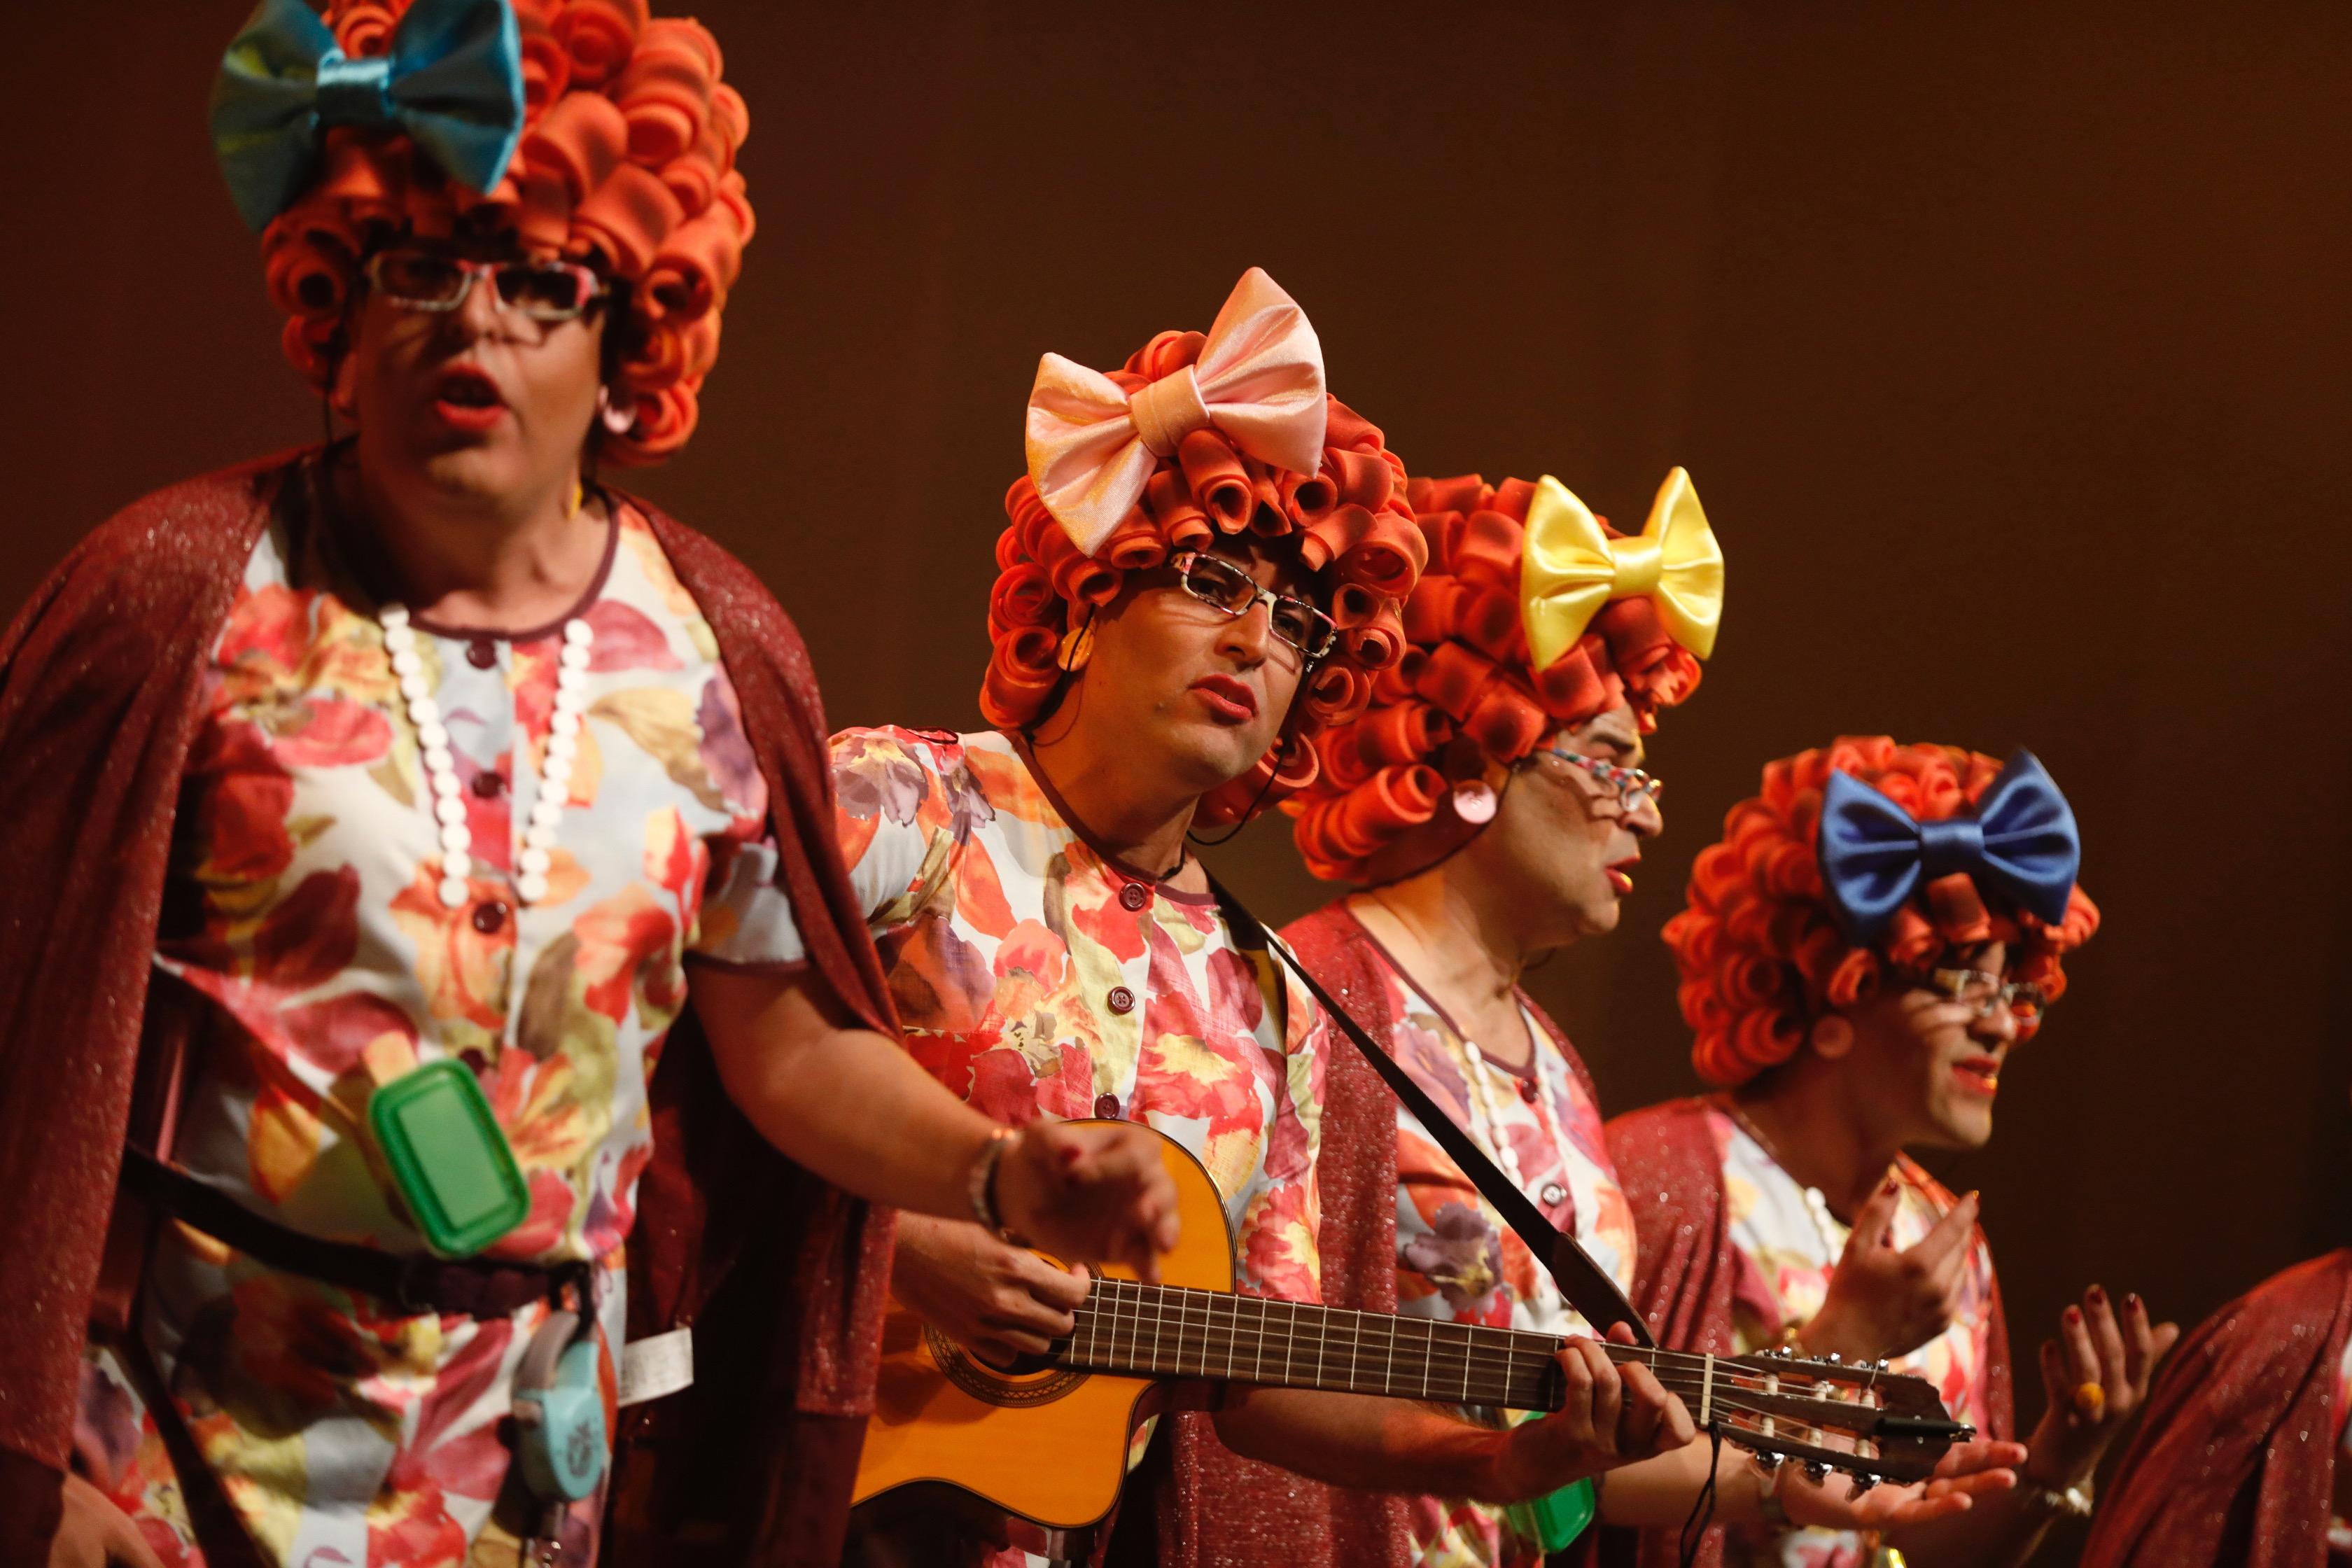 La Chirimurga del timple recala en el Liceo de Taoro con su espectáculo 'Servicio 24 horas'